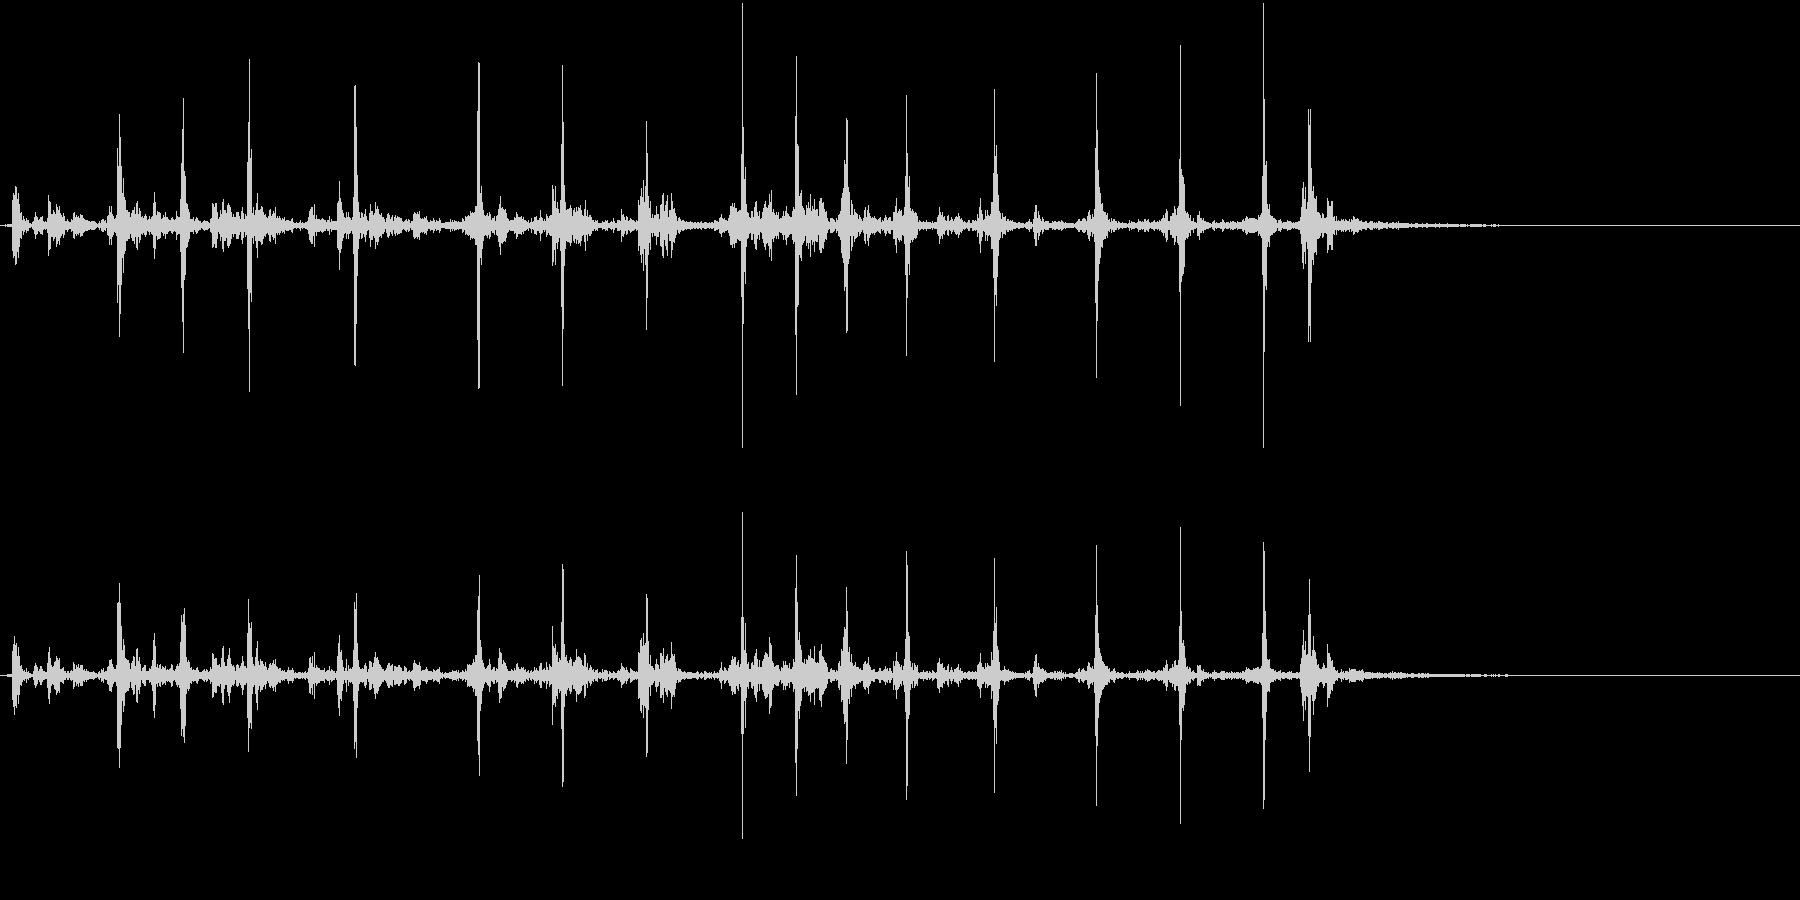 【生録音】カッターナイフの音 14の未再生の波形